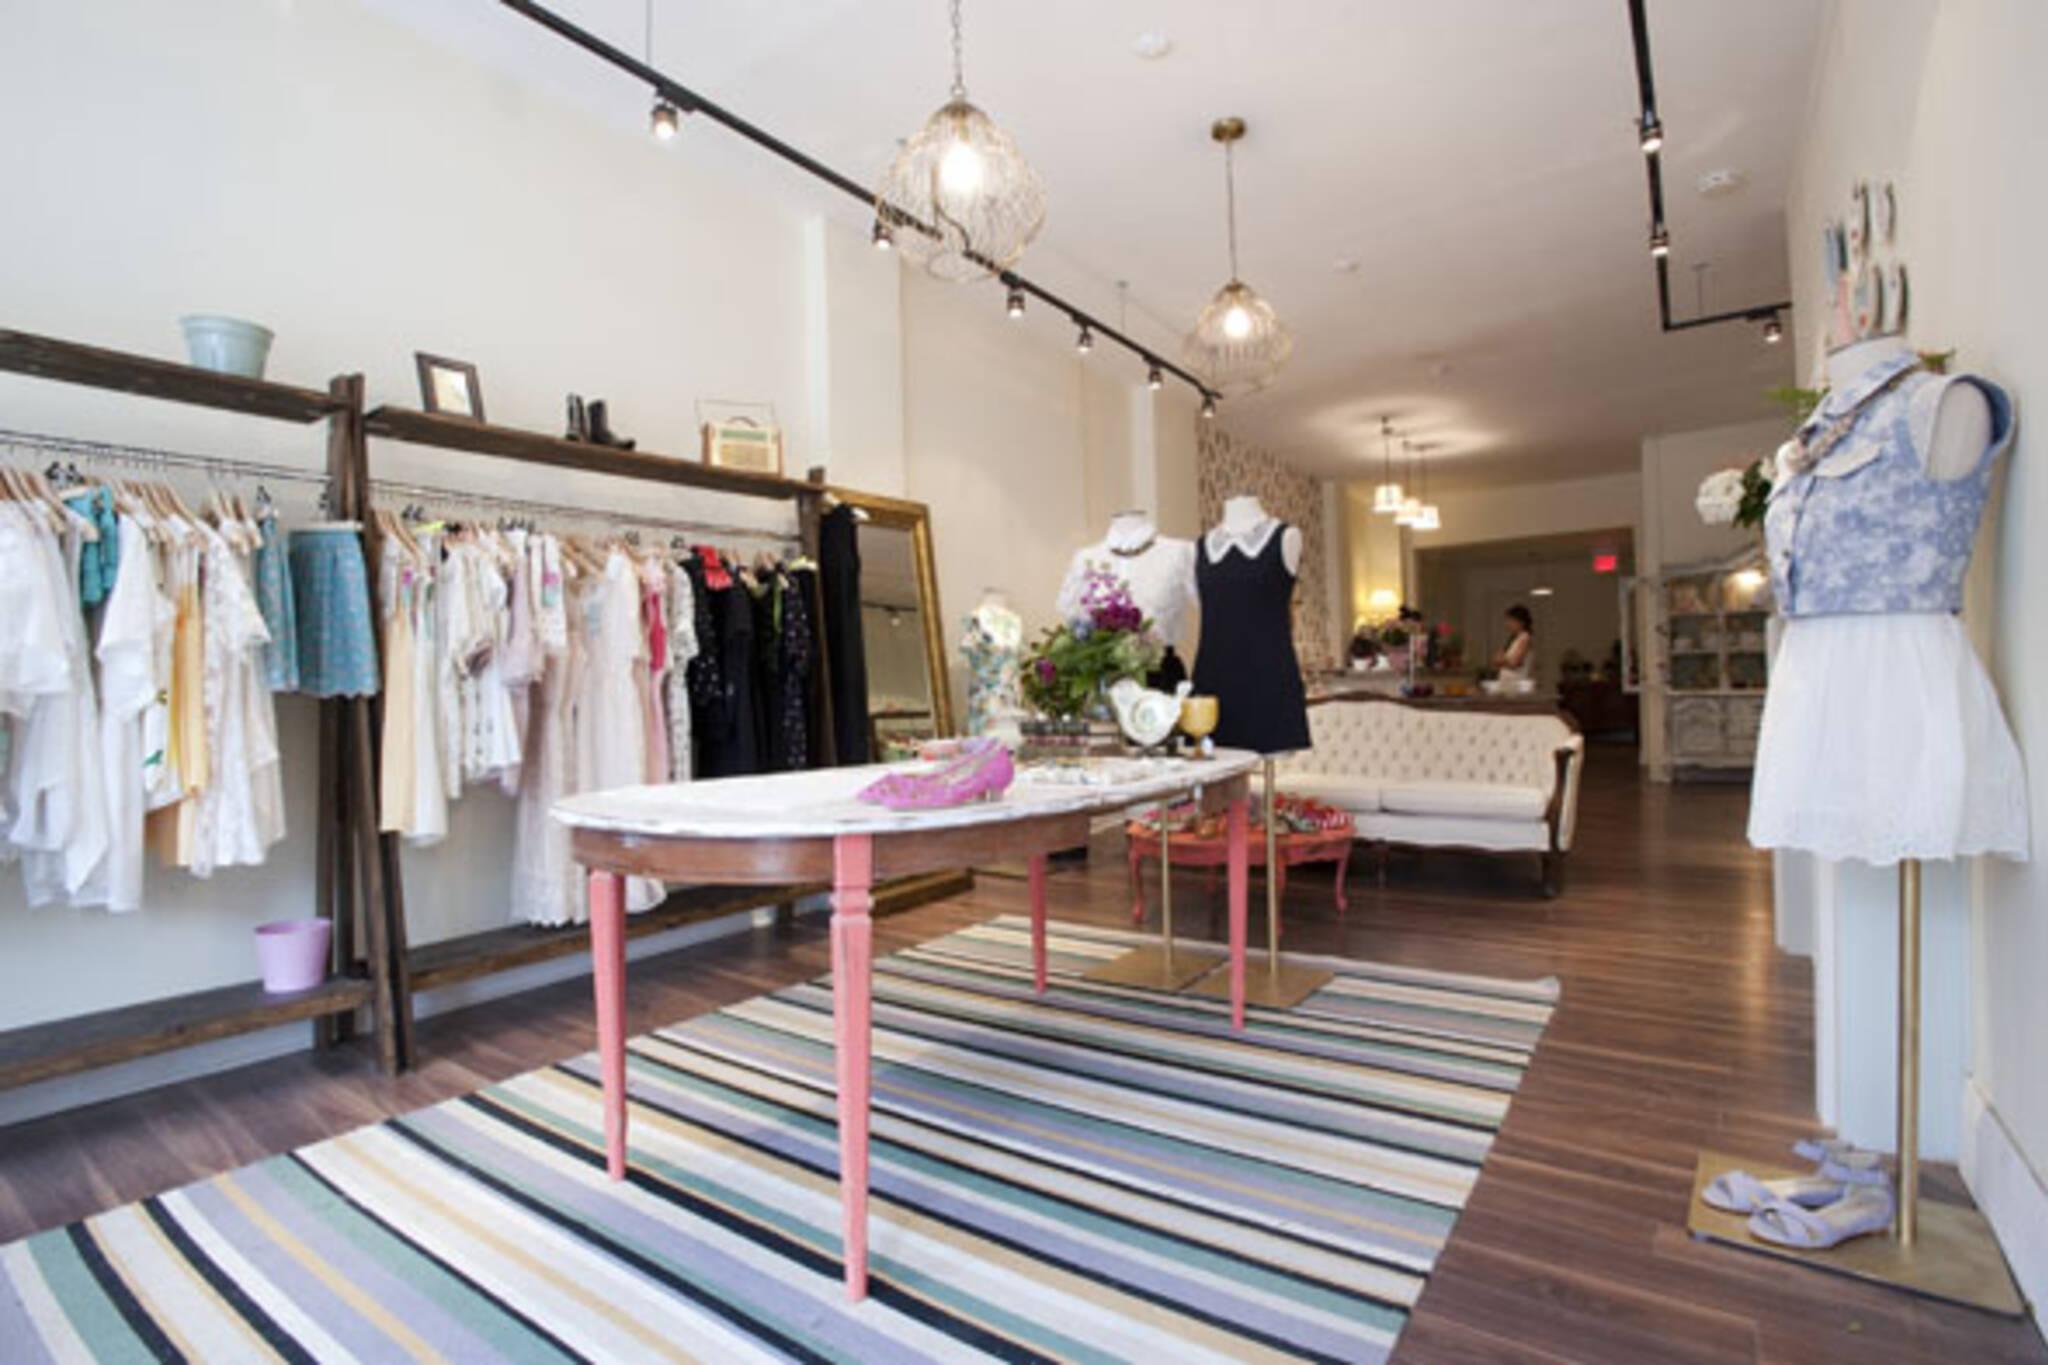 Queen West fashion boutique